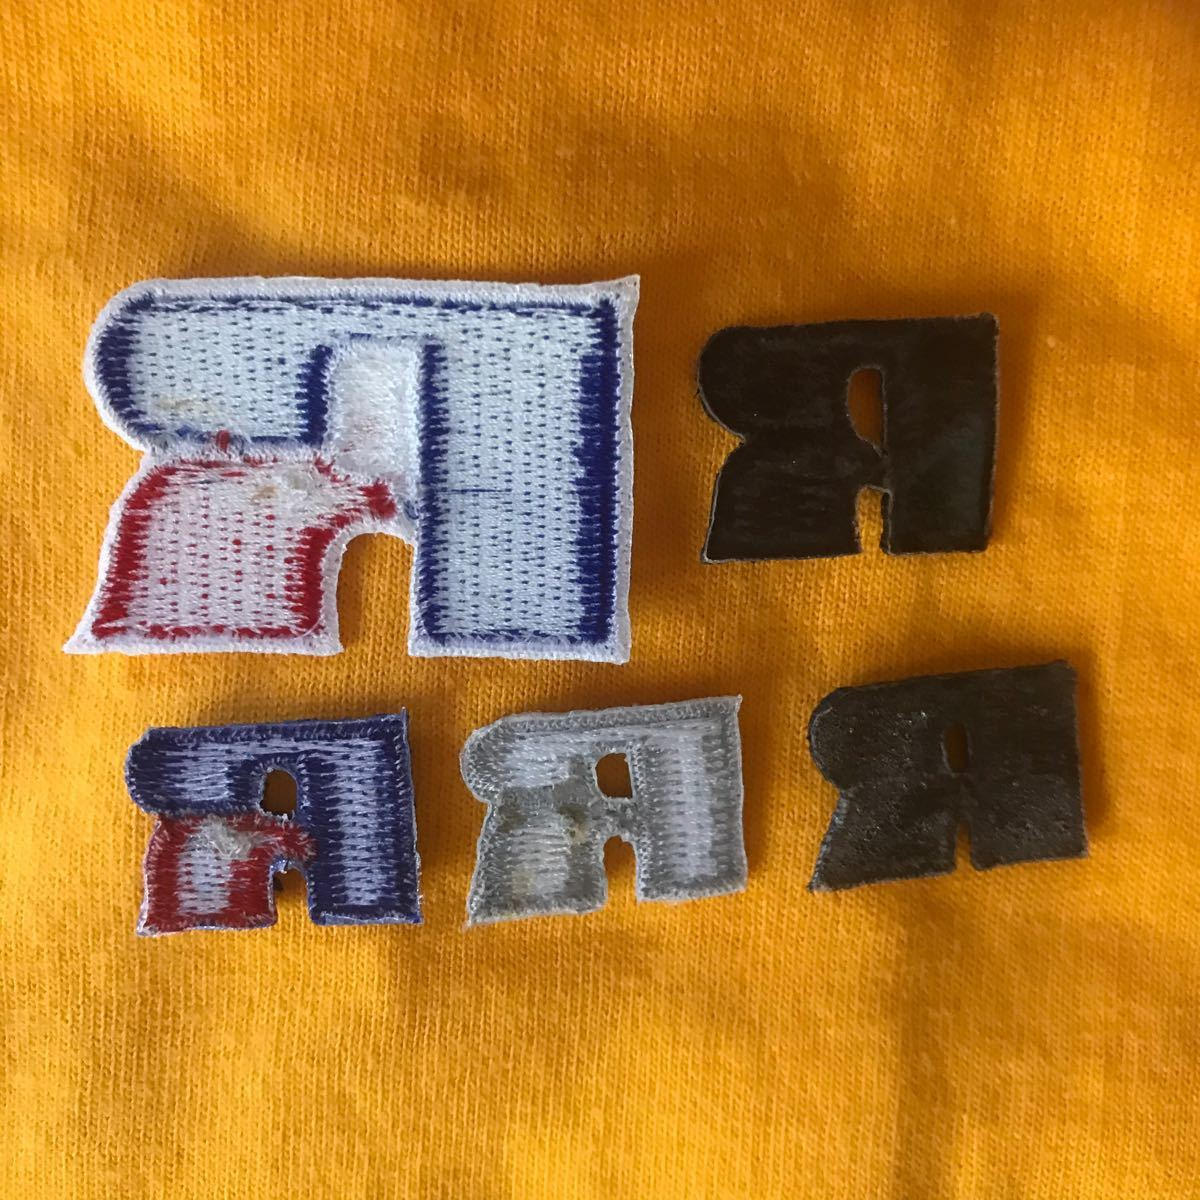 ワッペン ラッセルアスレチック 5枚セット アイロンワッペン RUSSEL ATHLETICラッセルアスレティック 刺繍ワッペン